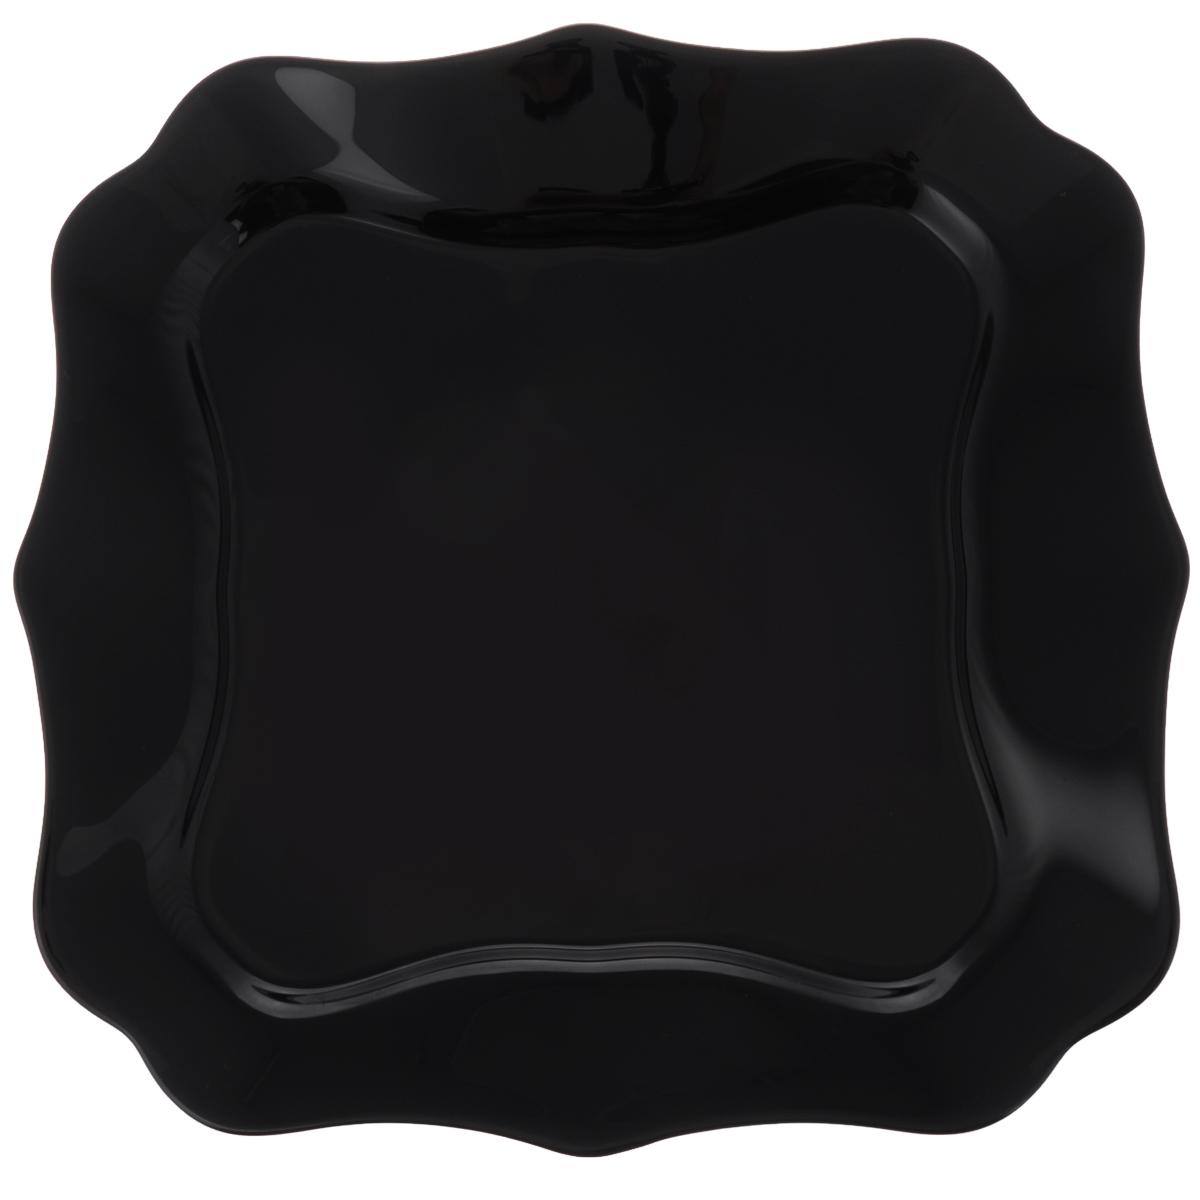 Тарелка десертная Luminarc Authentic Black, 21 х 21 см54 009312Десертная тарелка Luminarc Authentic Black, изготовленная из ударопрочного стекла, имеет изысканный внешний вид. Такая тарелка прекрасно подходит как для торжественных случаев, так и для повседневного использования. Идеальна для подачи десертов, пирожных, тортов и многого другого. Она прекрасно оформит стол и станет отличным дополнением к вашей коллекции кухонной посуды. Размер тарелки (по верхнему краю): 21 х 21 см.